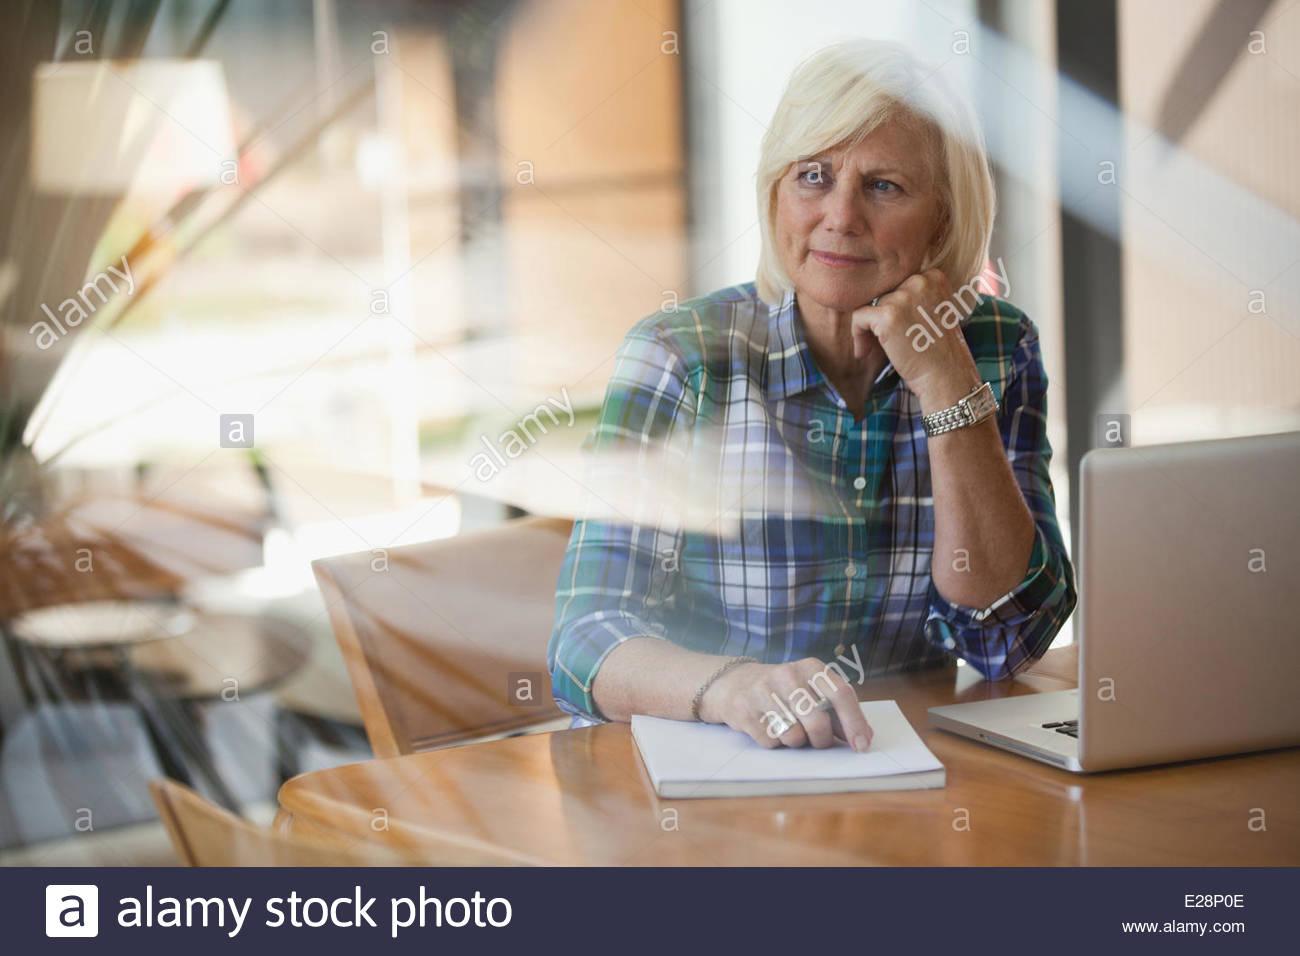 Donna anziana utilizzando computer portatile per interni Immagini Stock